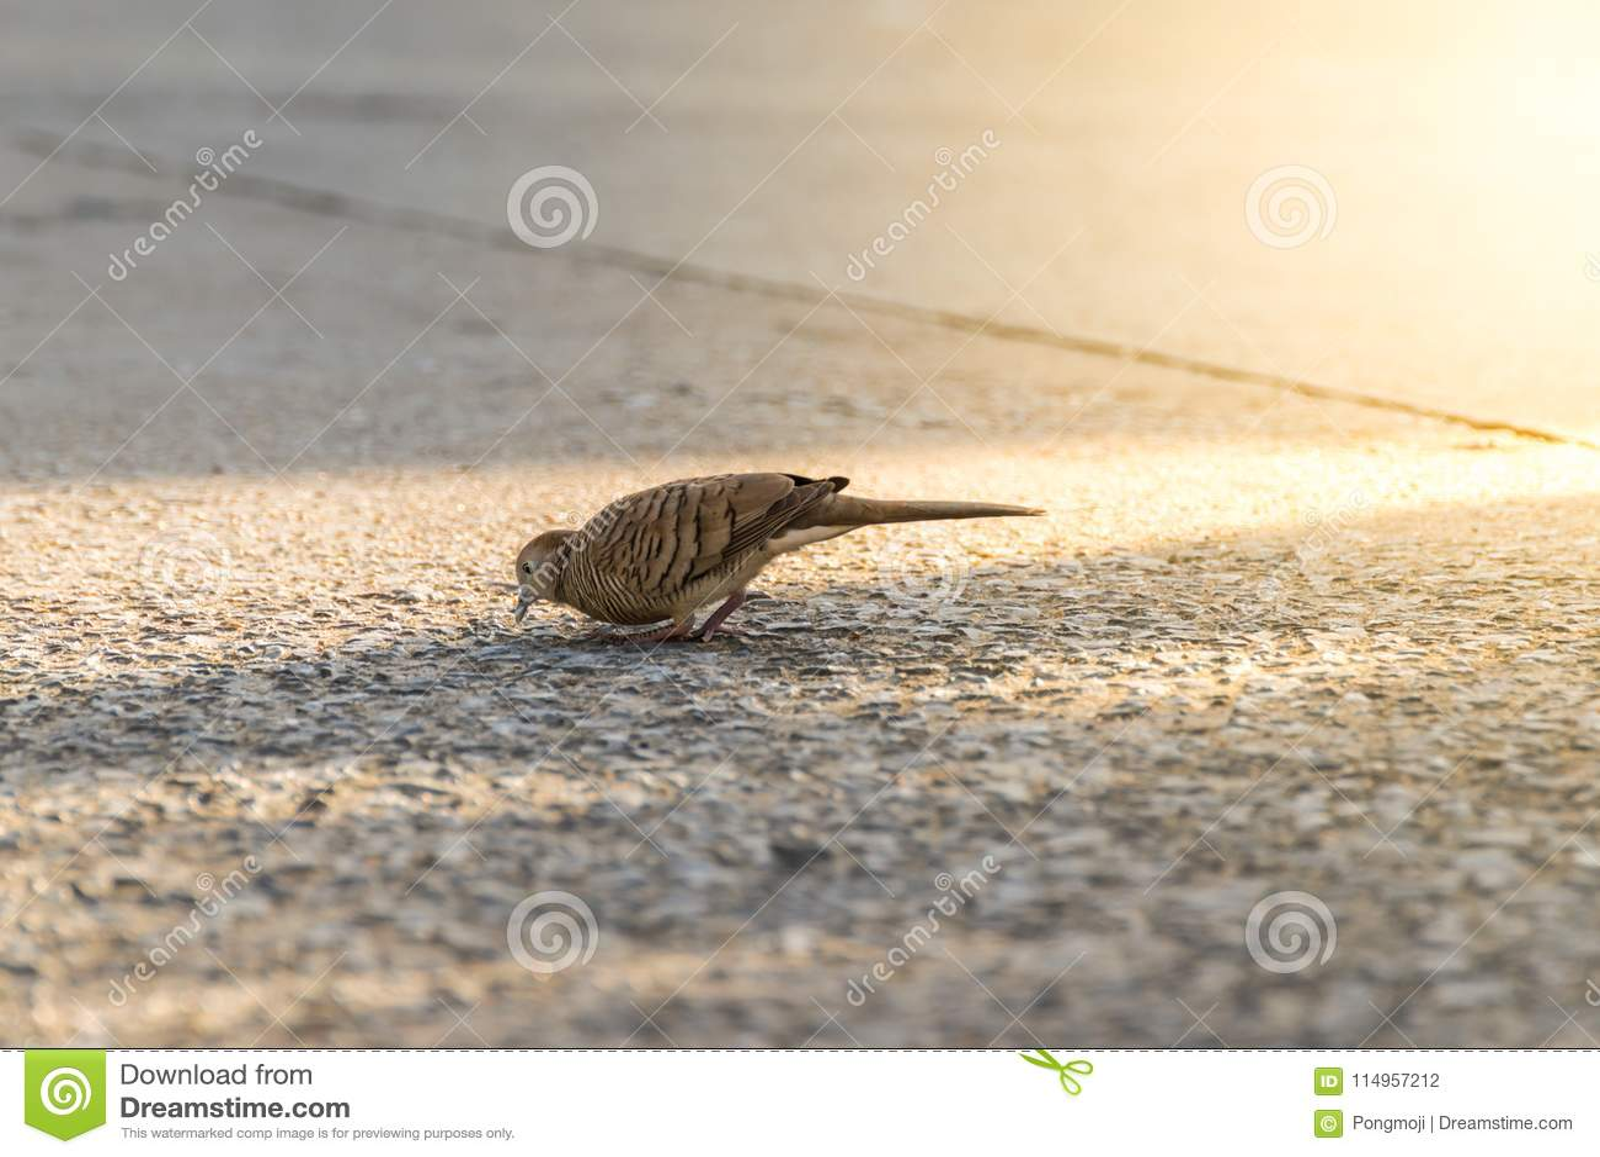 鸟(鸠、鸽子或者消歧)在城市